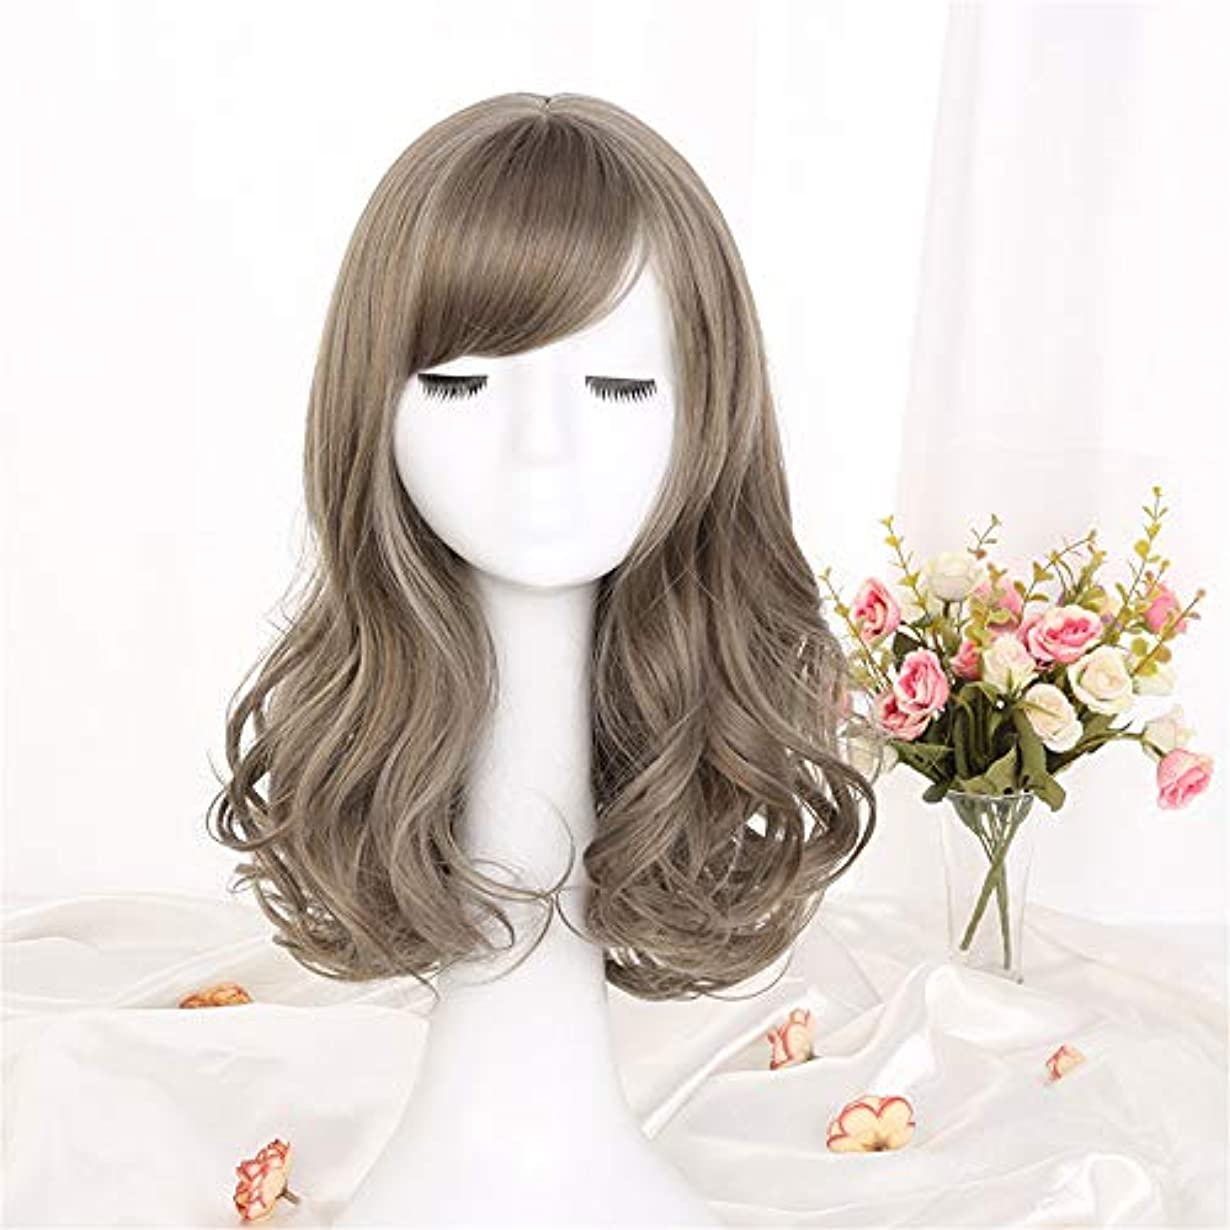 シャッフル交流する福祉ウィッグ髪化学繊維フードミディアム長波高温合成繊維ウィッグ女性用ウィッググリーンウッドリネンアッシュ42cm